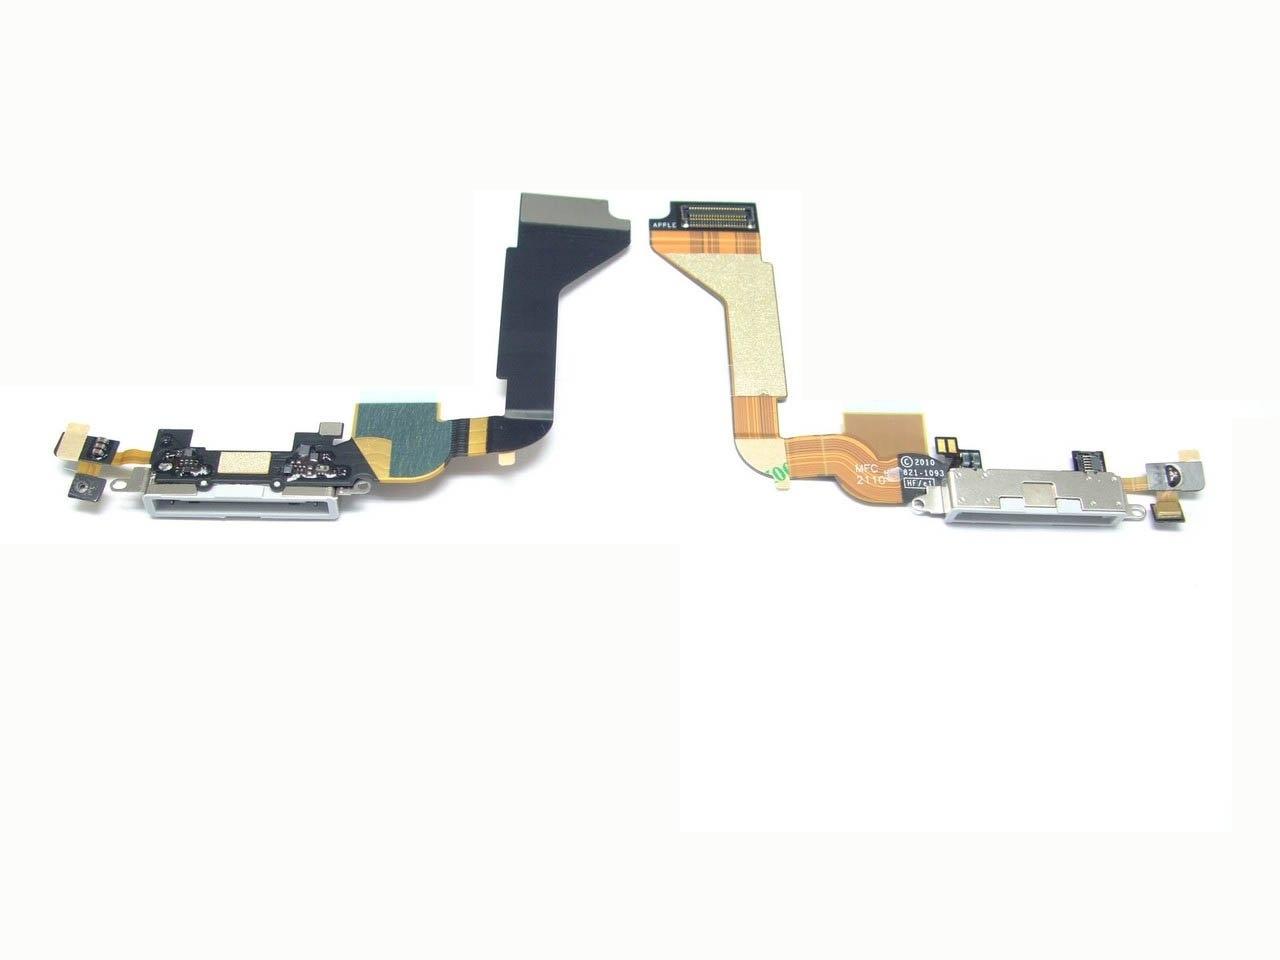 פלט שקע טעינה אייפון 4 שחור/לבן להרכבה עצמית